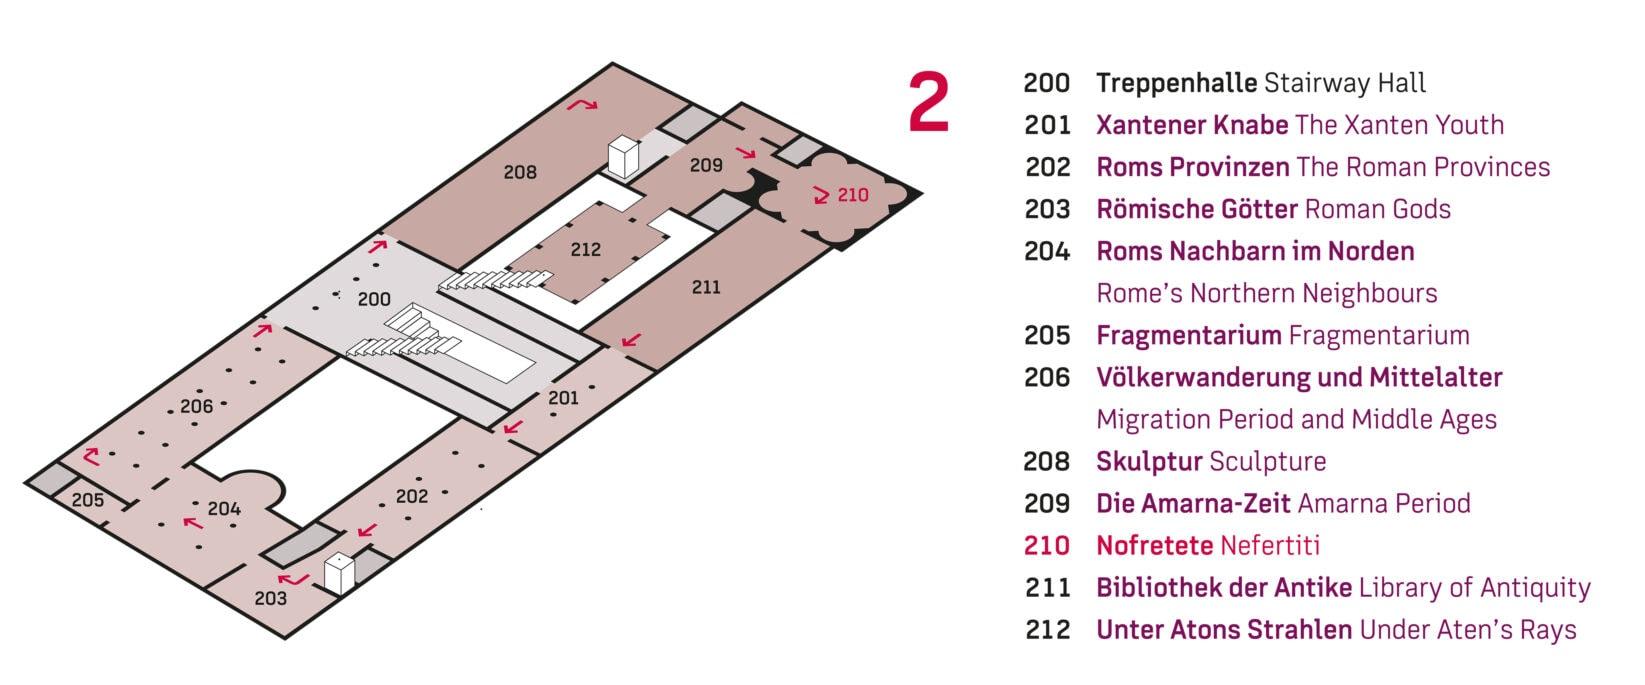 Museumsinsel Berlin Leitsystem Neues Museum Orientierungsplan Ausschnitt